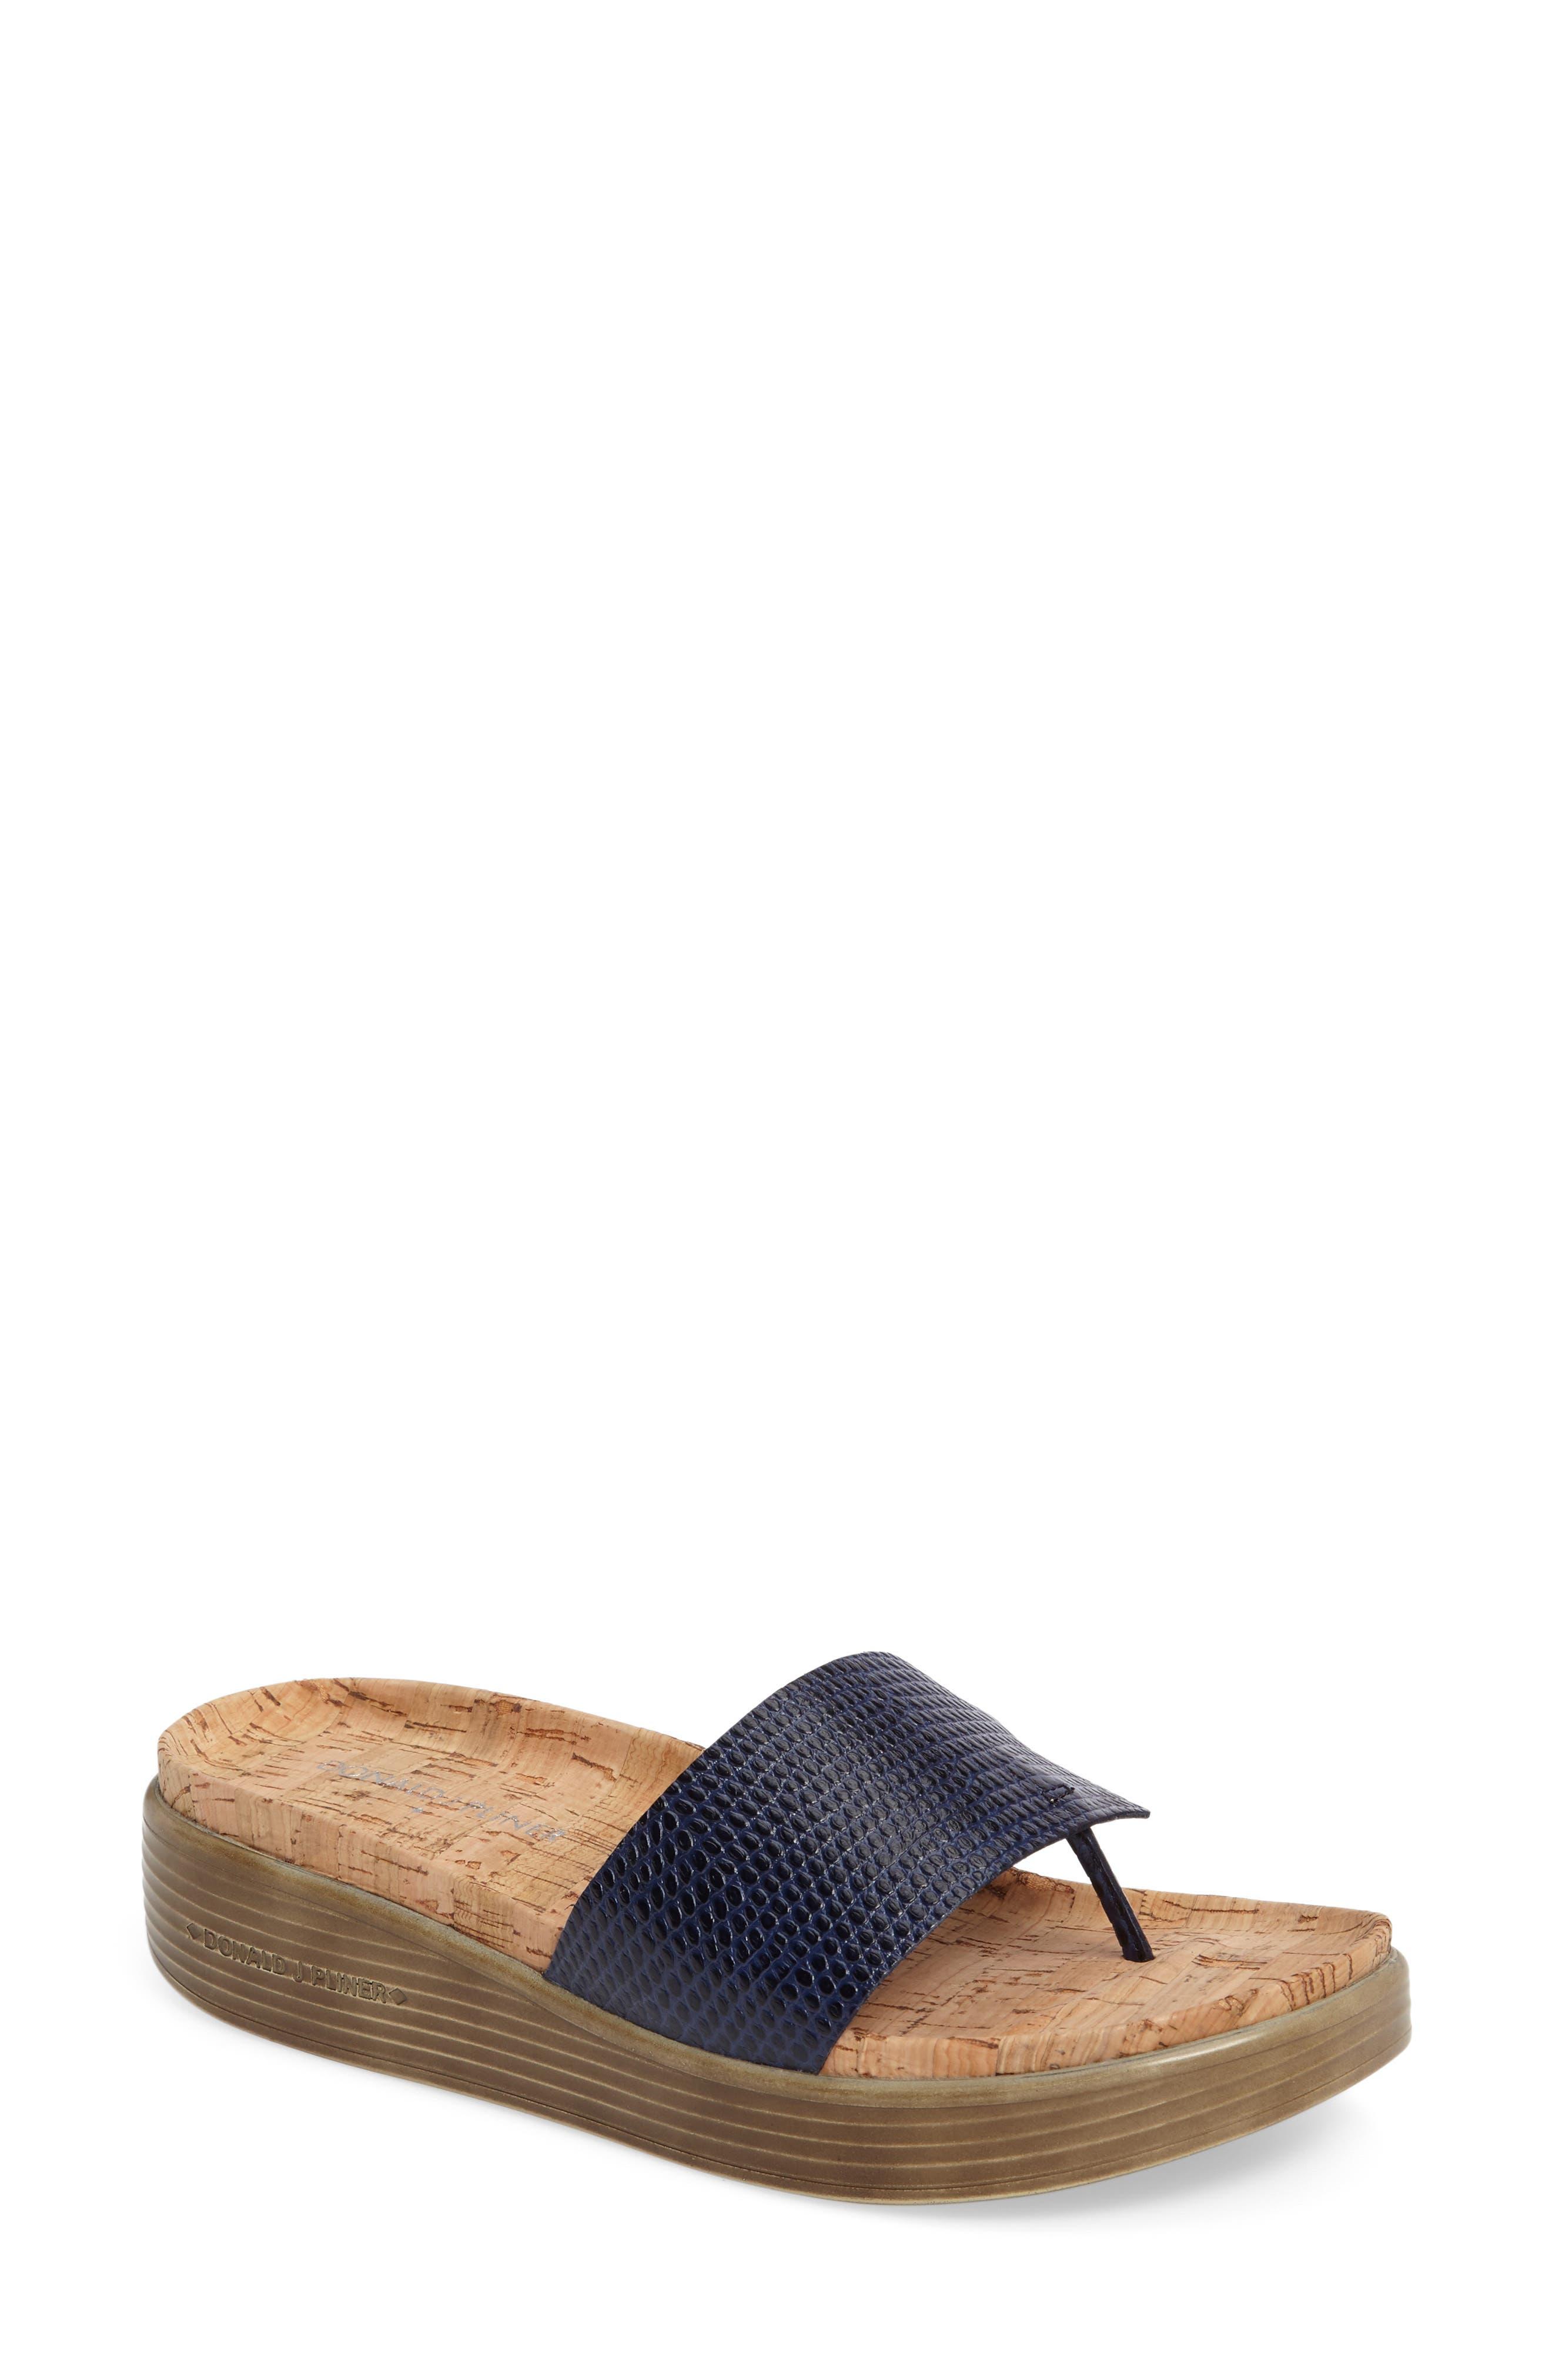 DONALD J PLINER Fifi Slide Sandal